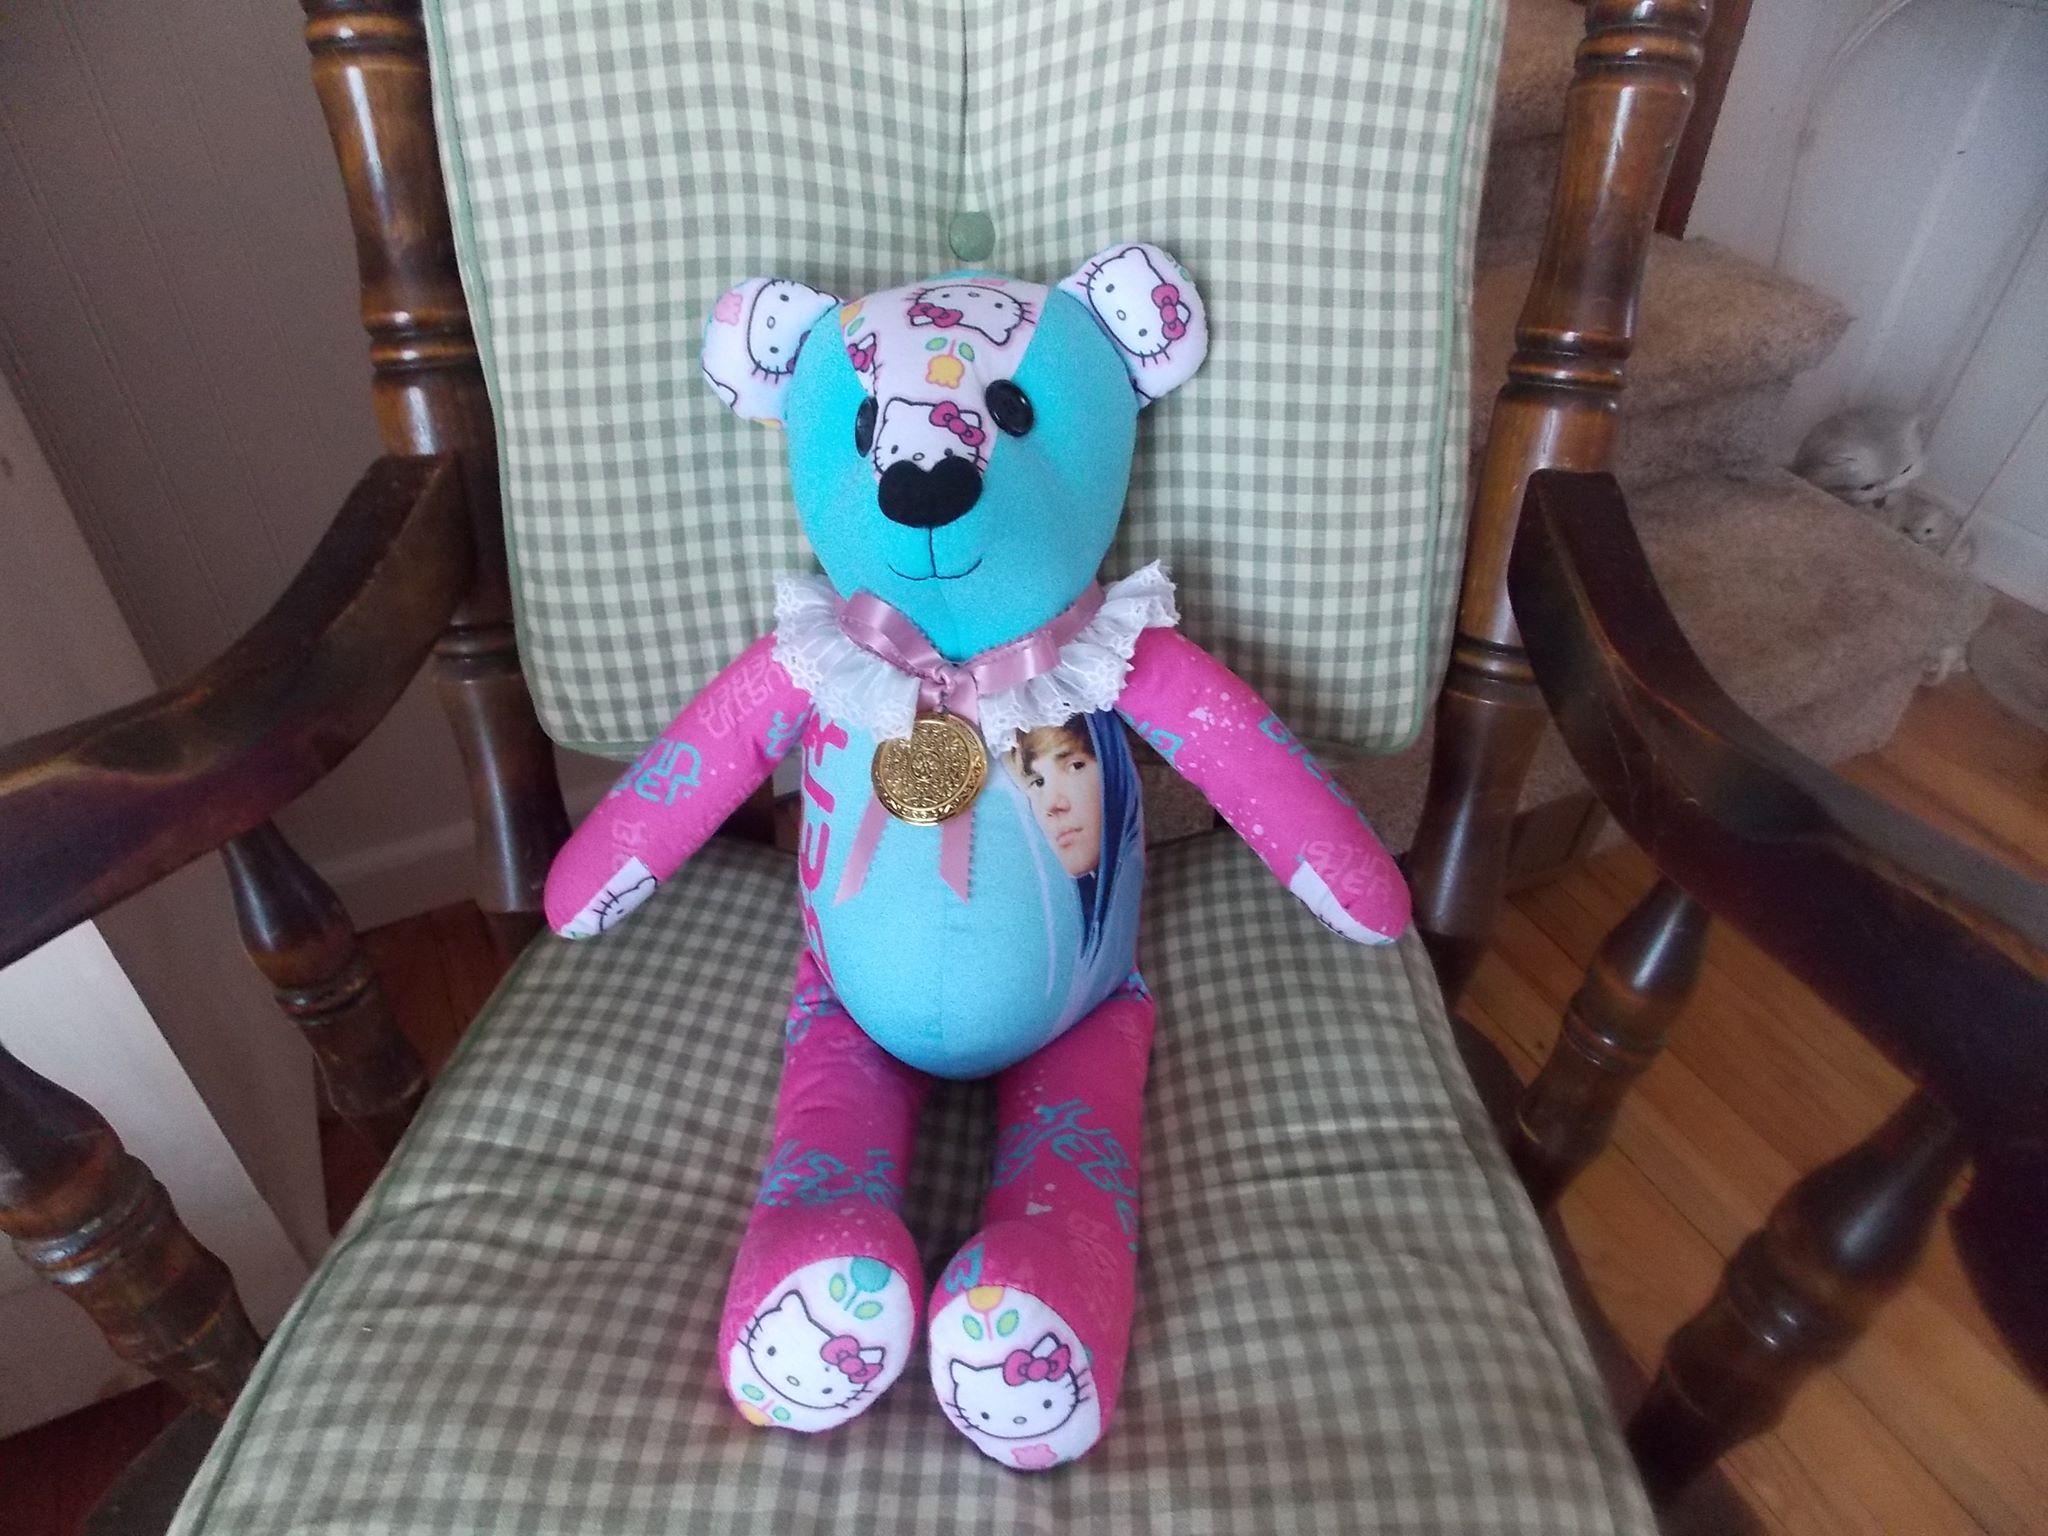 bieber bear.jpg